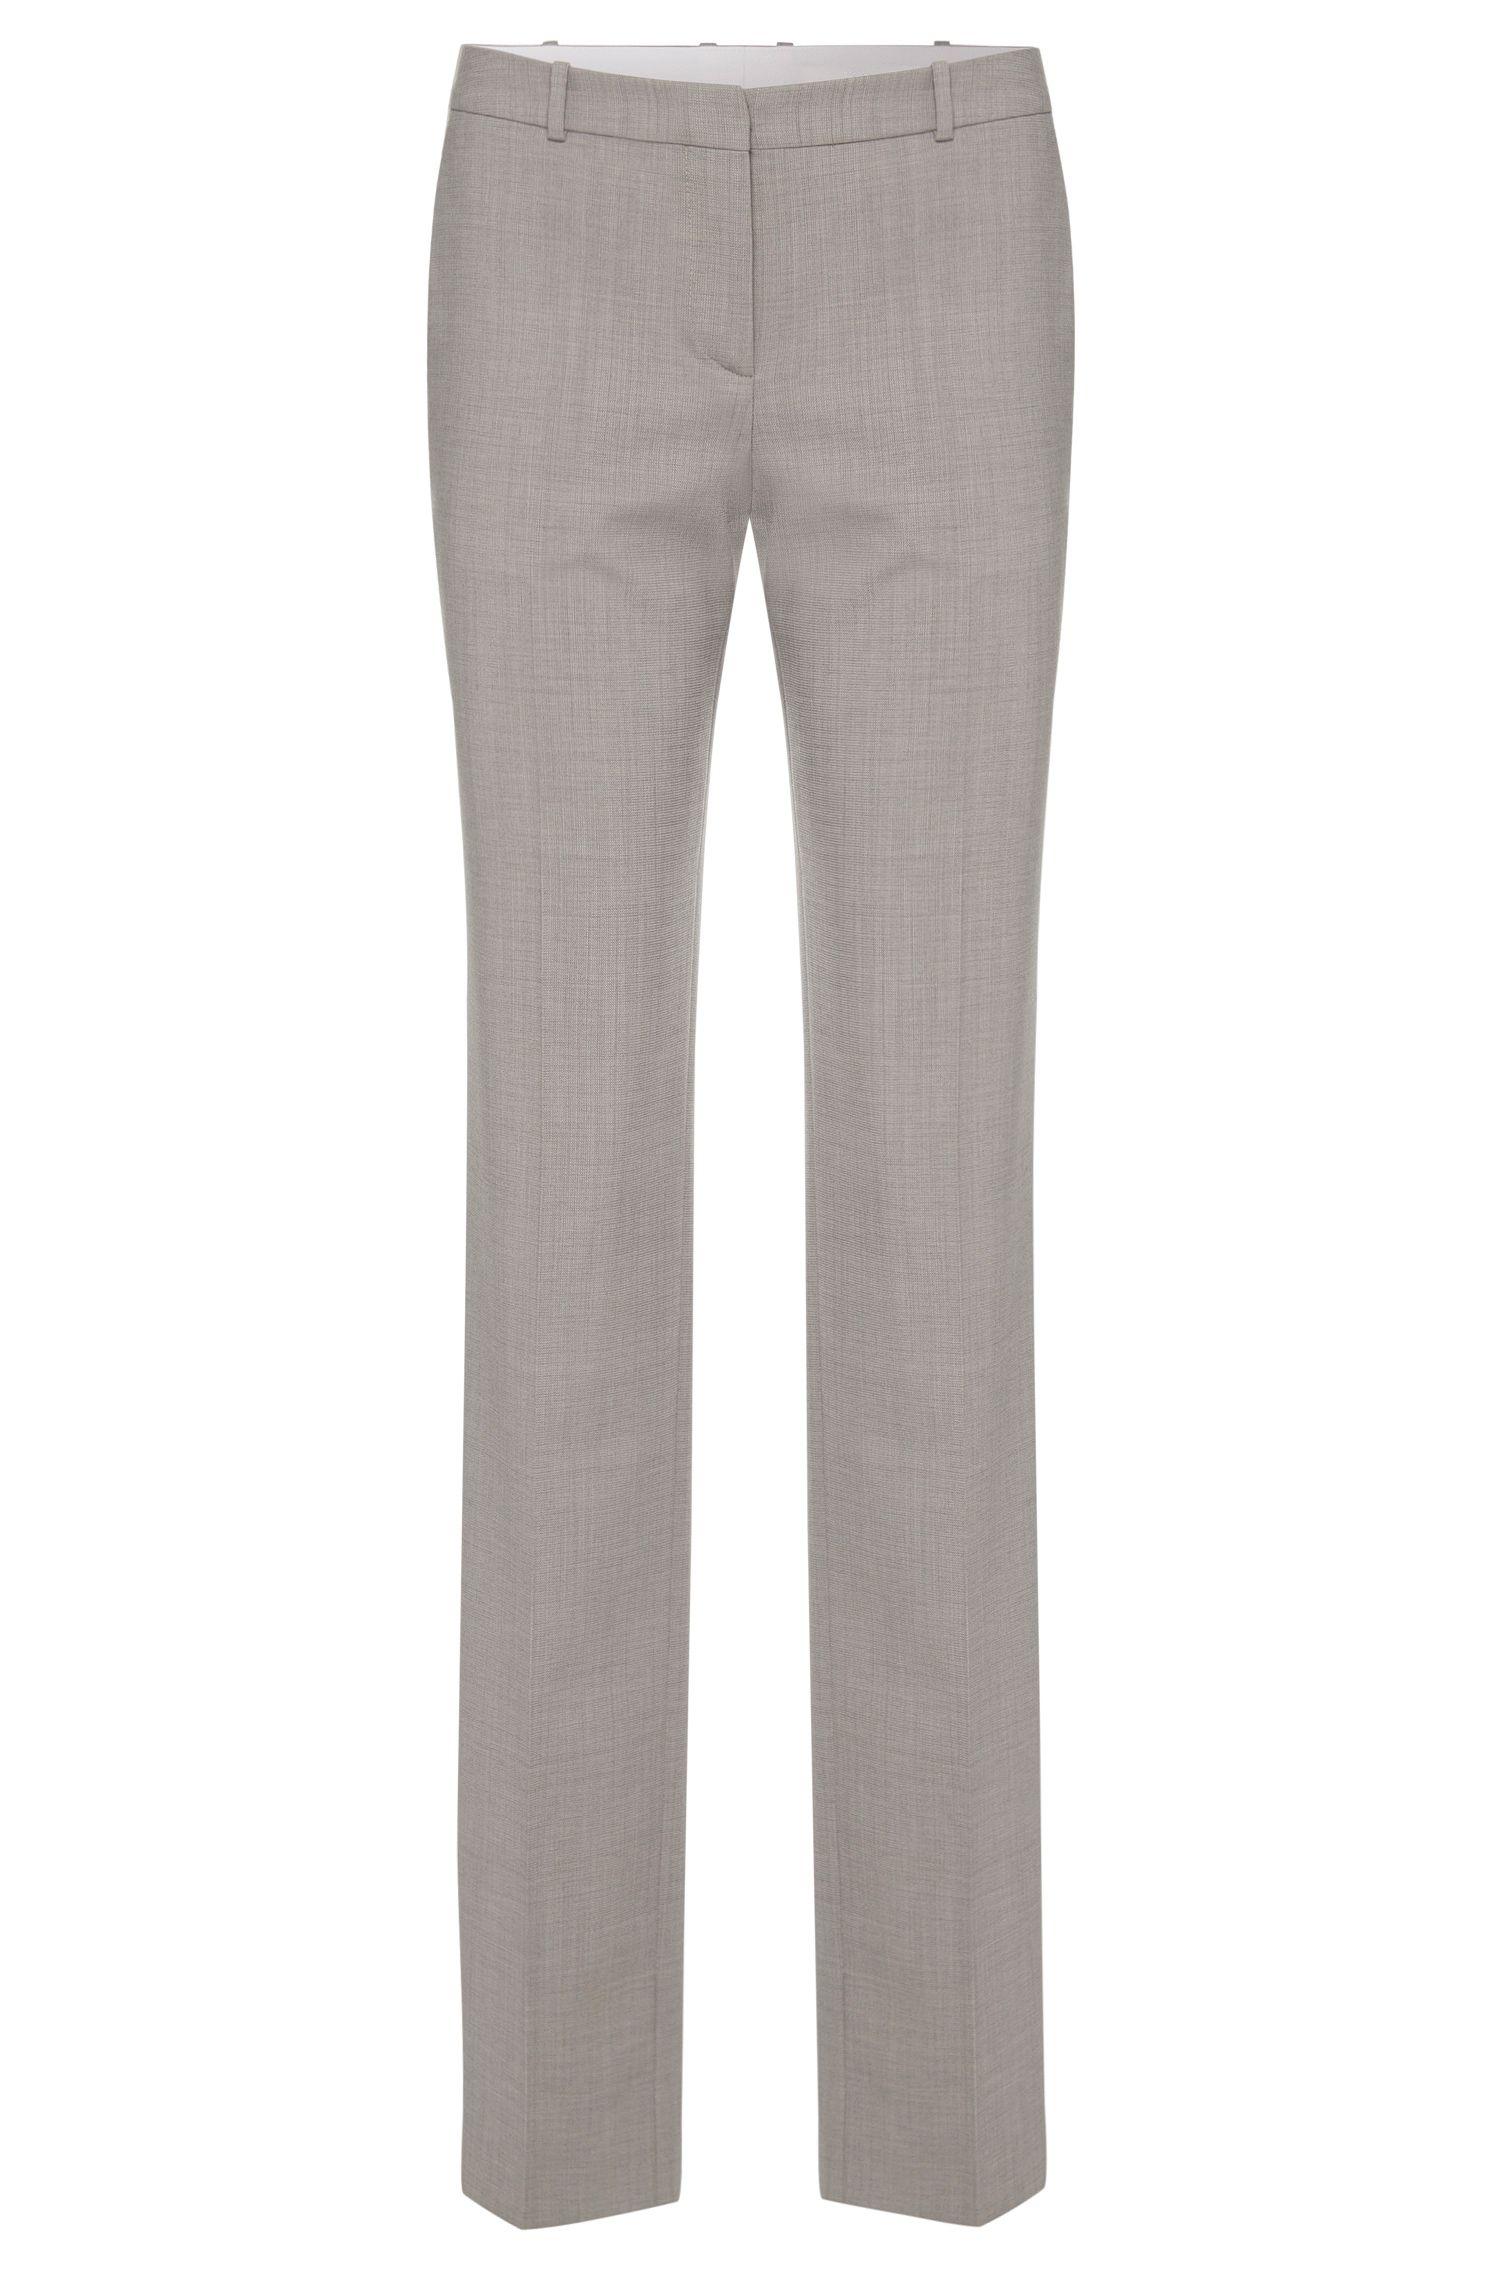 Pantalón regular fit en lana virgen elástica con textura fina: 'Tamea1'